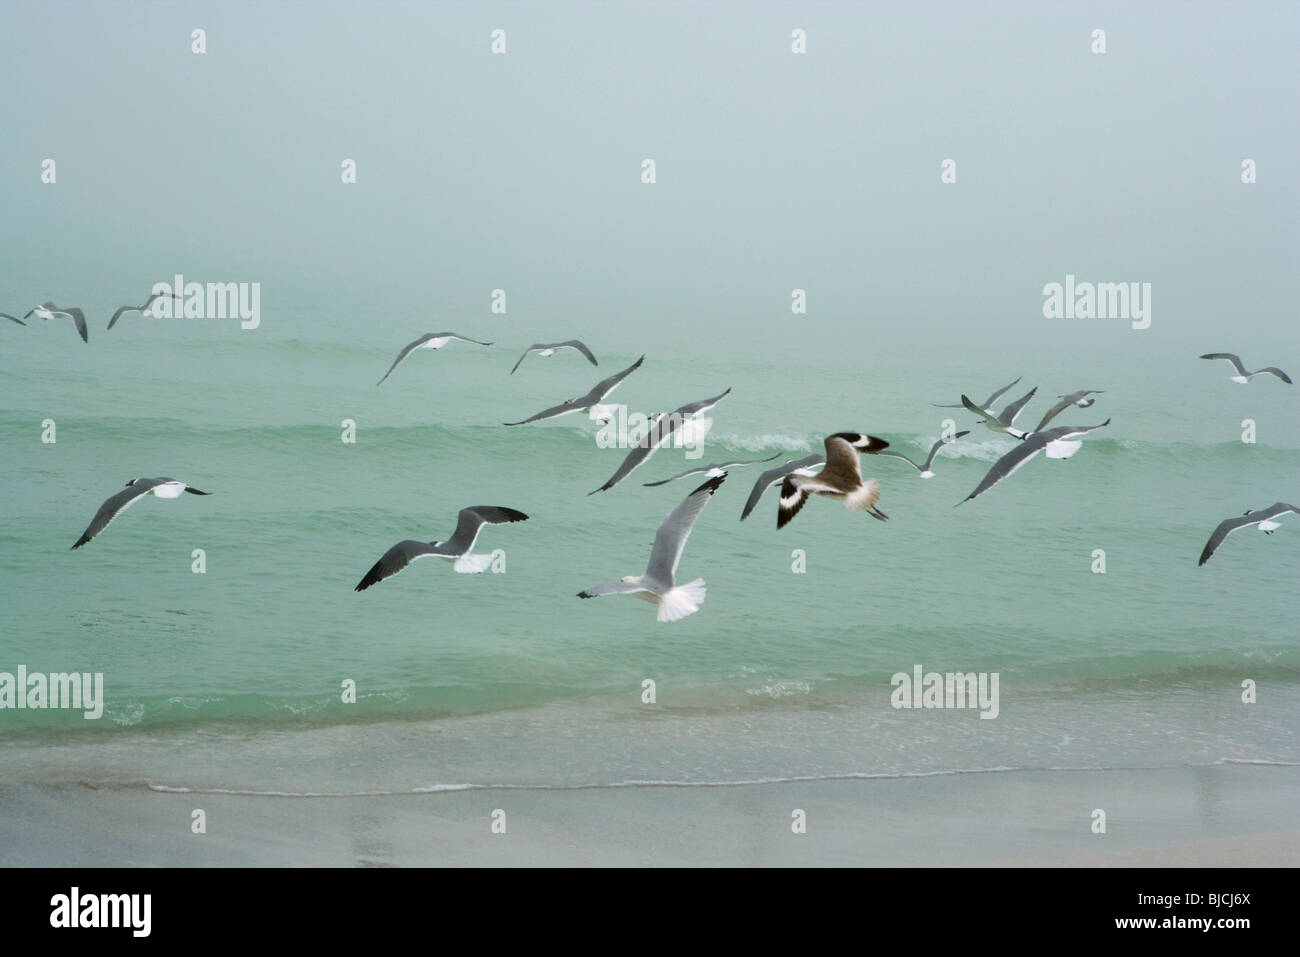 Gulls flying over beach - Stock Image